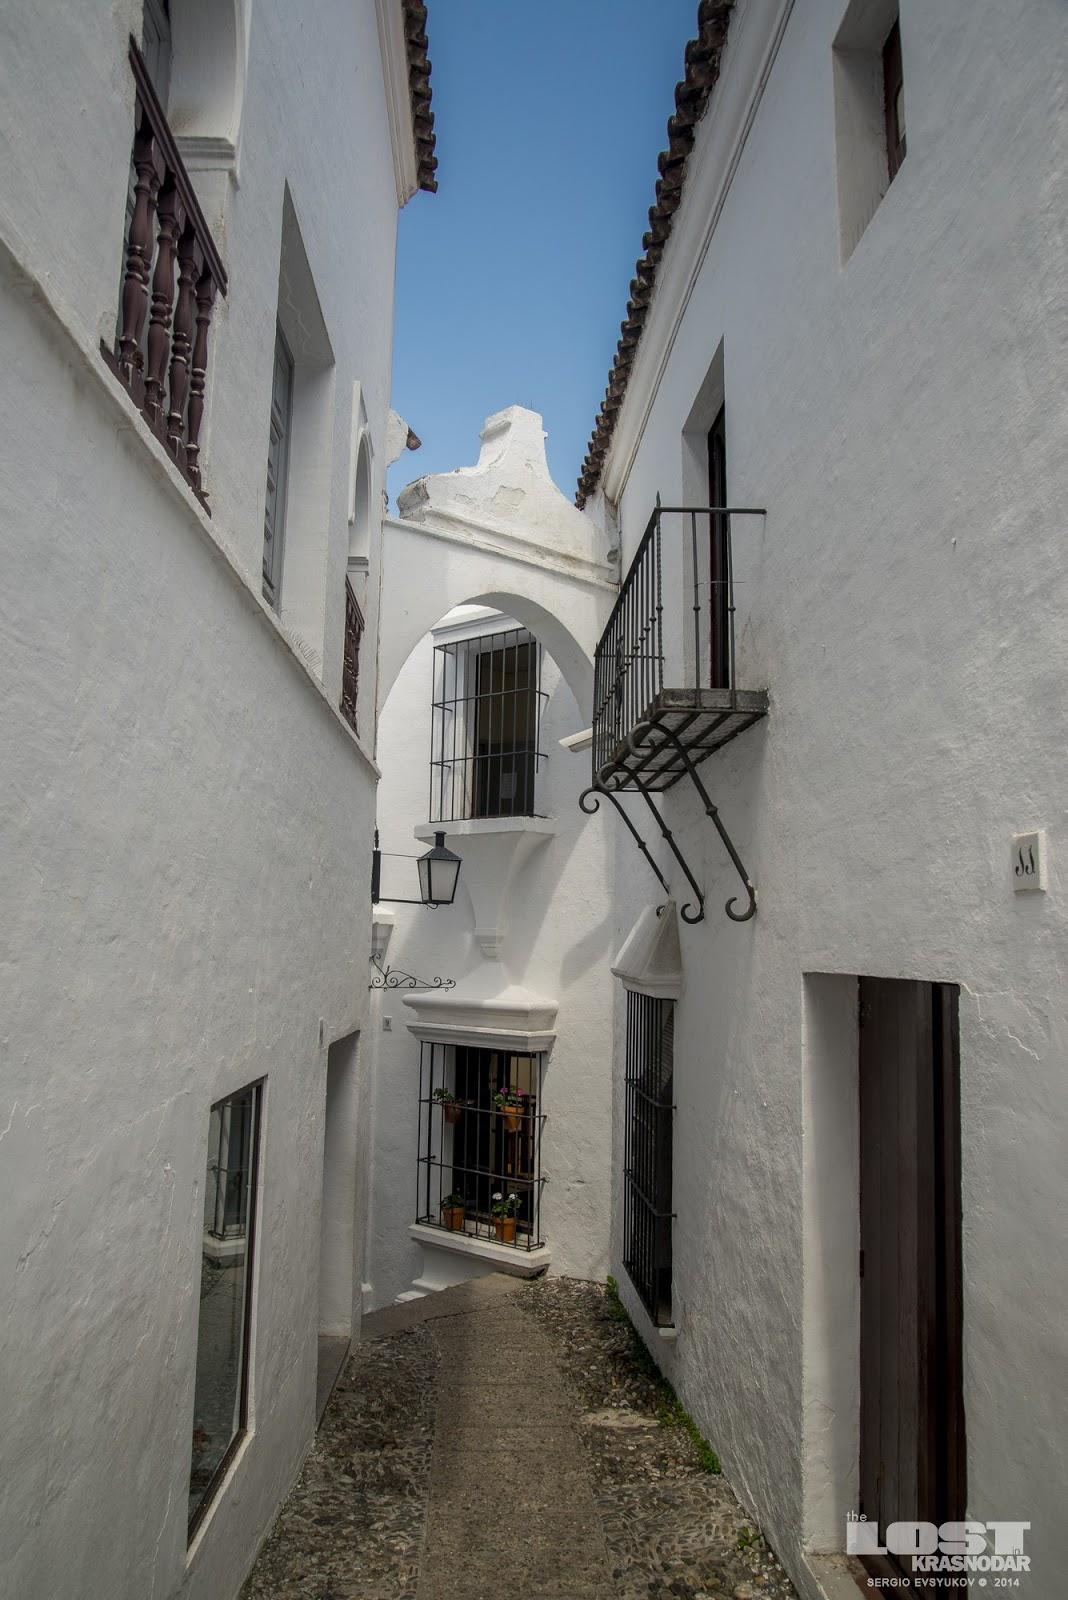 arcos street in Poble Espanyol